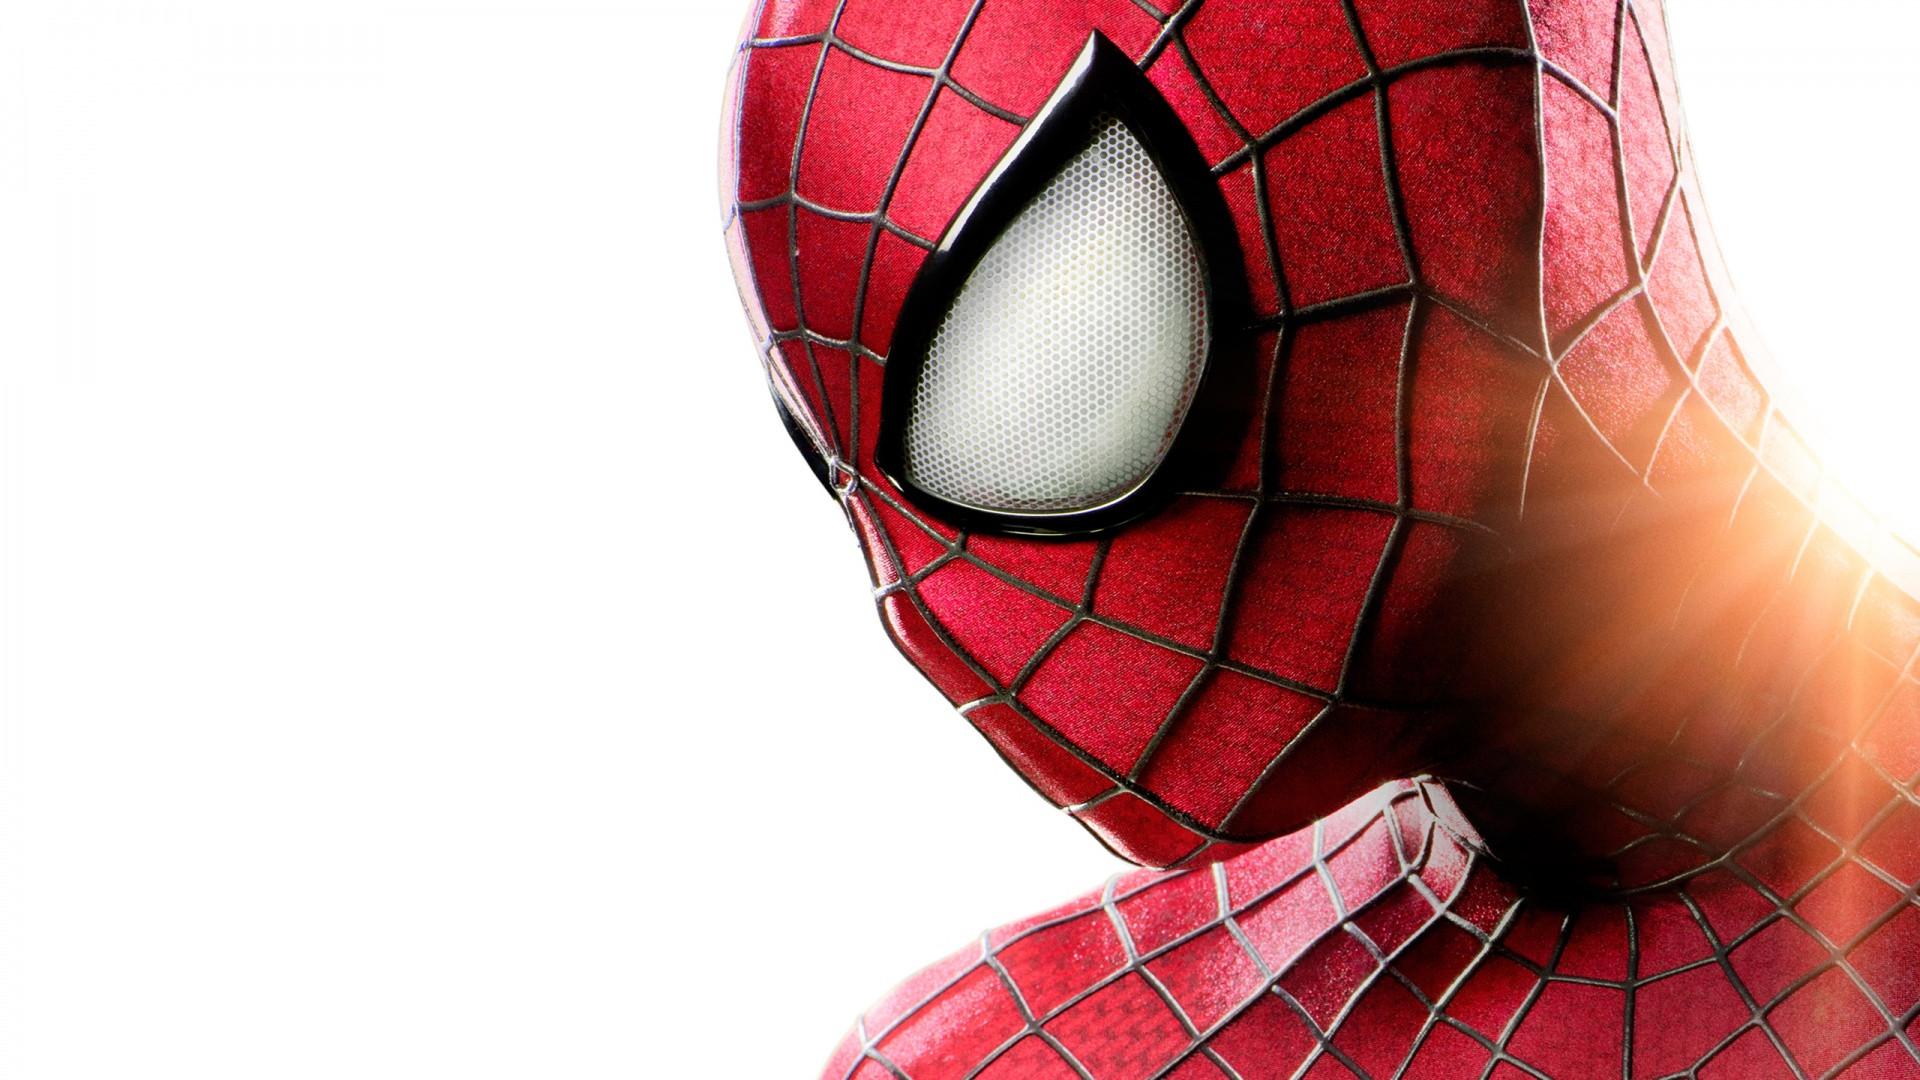 Spider Man The Amazing Spider Man 2 1920x1080